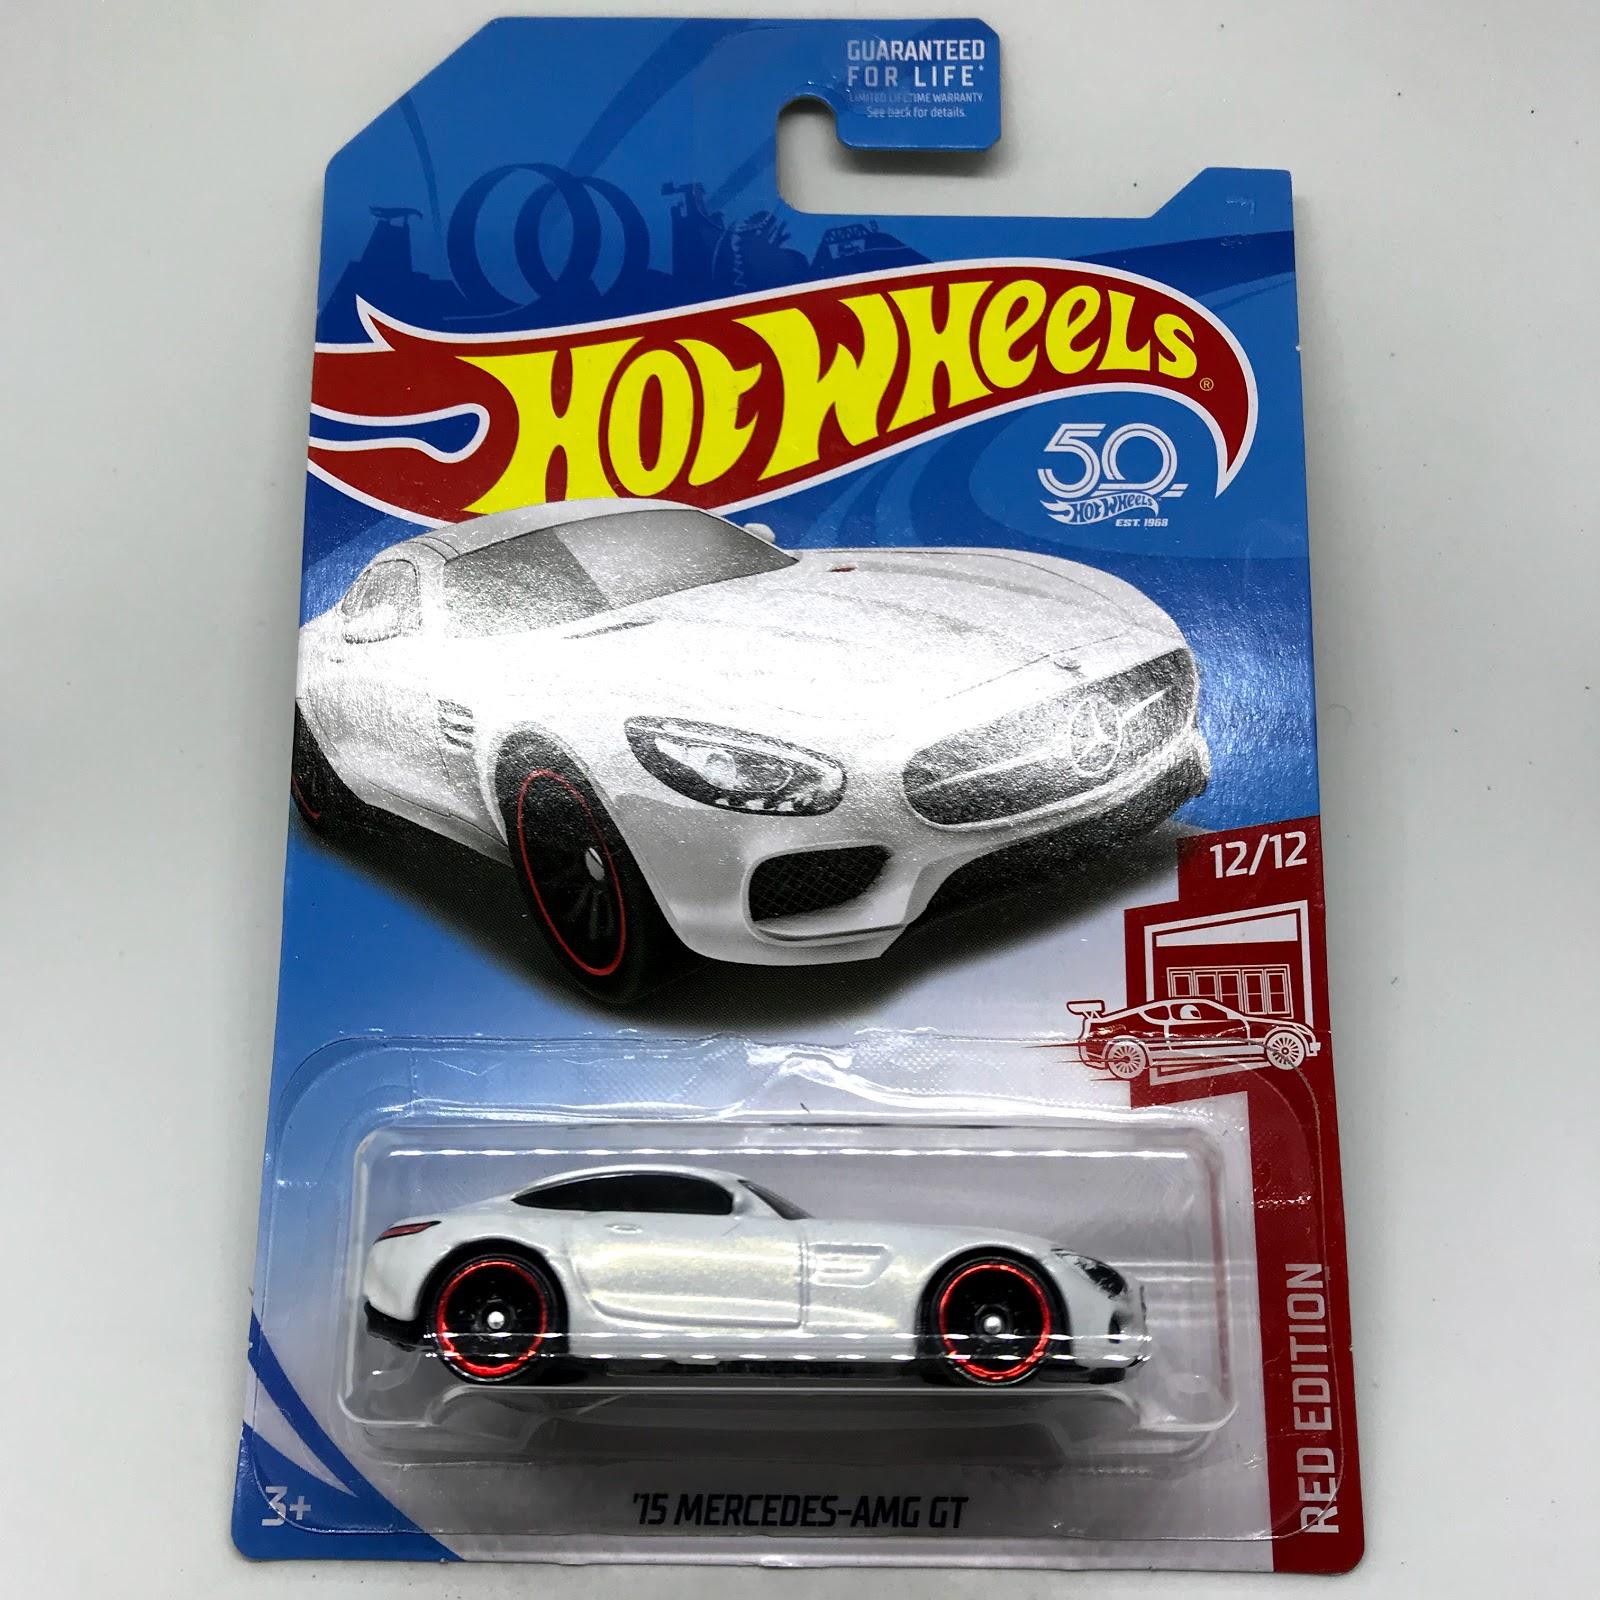 Julian's Hot Wheels Blog: 2015 Mercedes-AMG GT (2018 Target